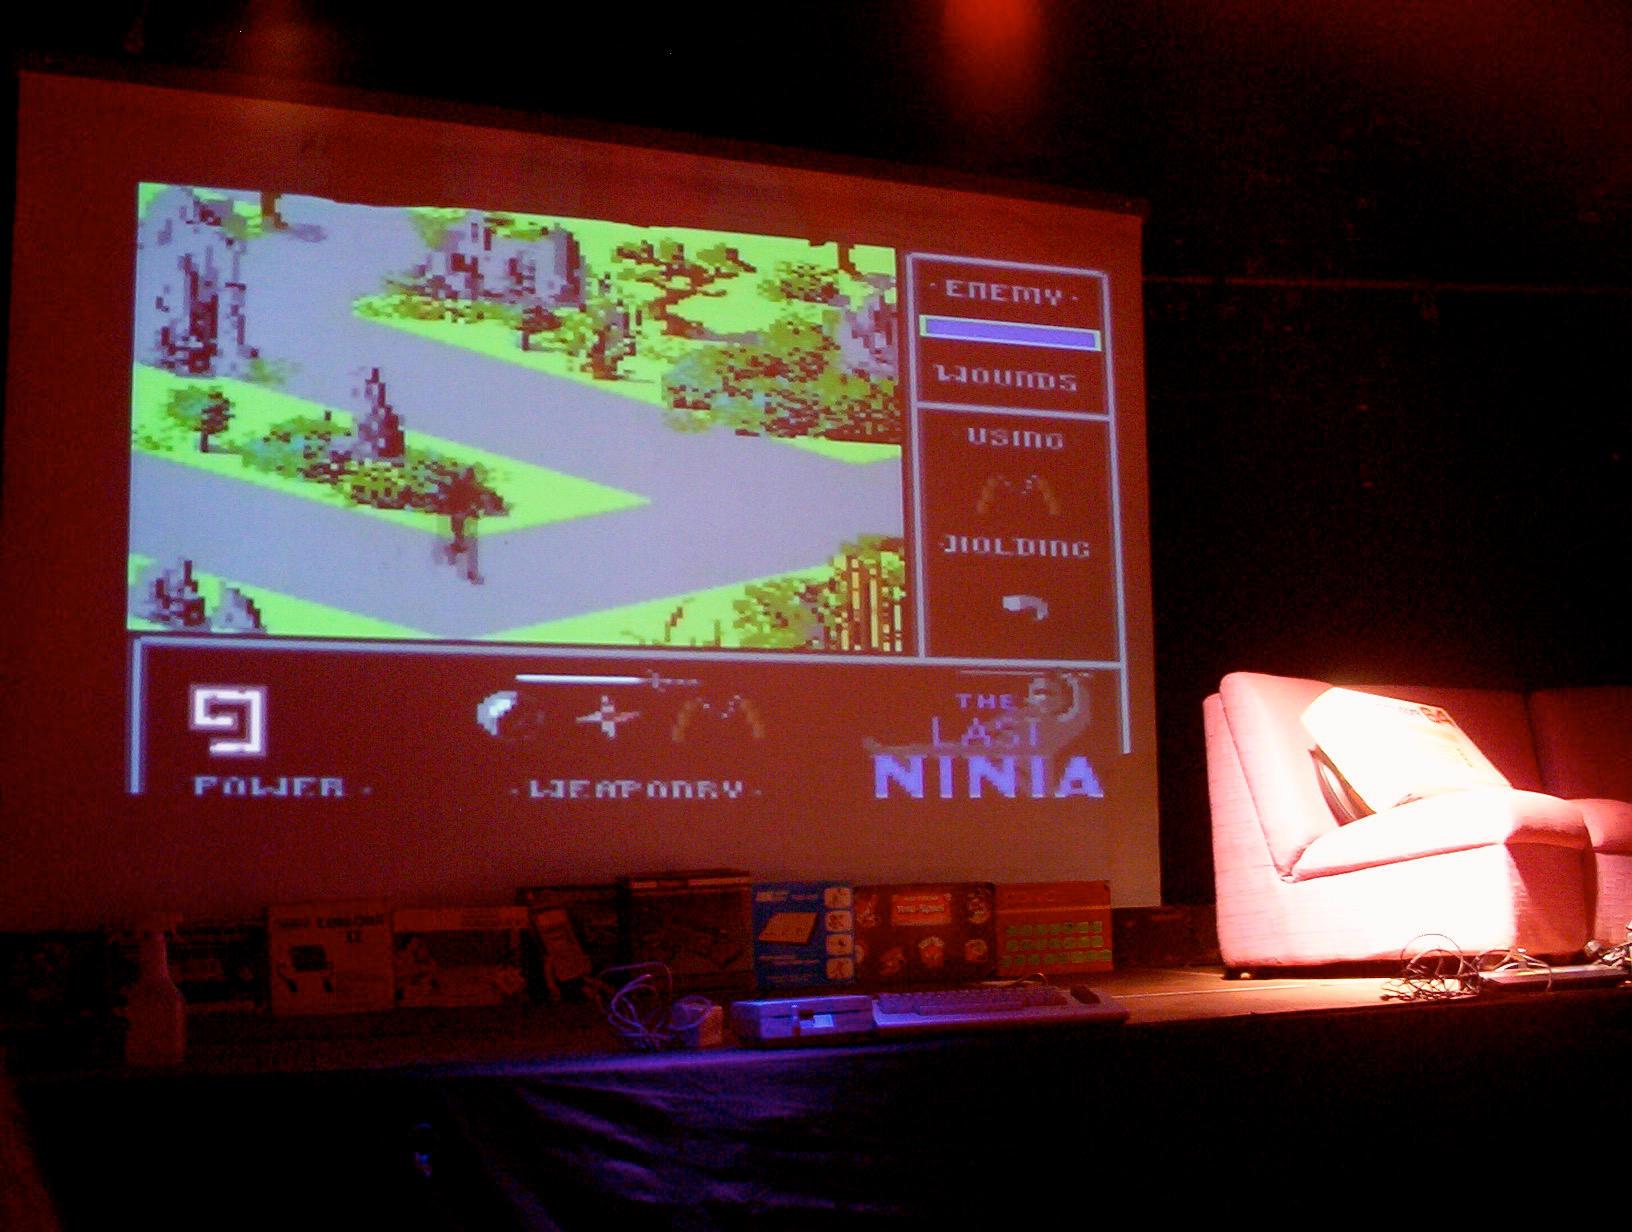 Auf der dem Retro-Event Telespielomat 2004 in Oberhausen hatte Reinhard einen Vortrag über sein Projekt gehalten. Während dieser Veranstaltung wurde sein Longplay zu The Last Ninja gezeigt. (Bild: André Eymann)